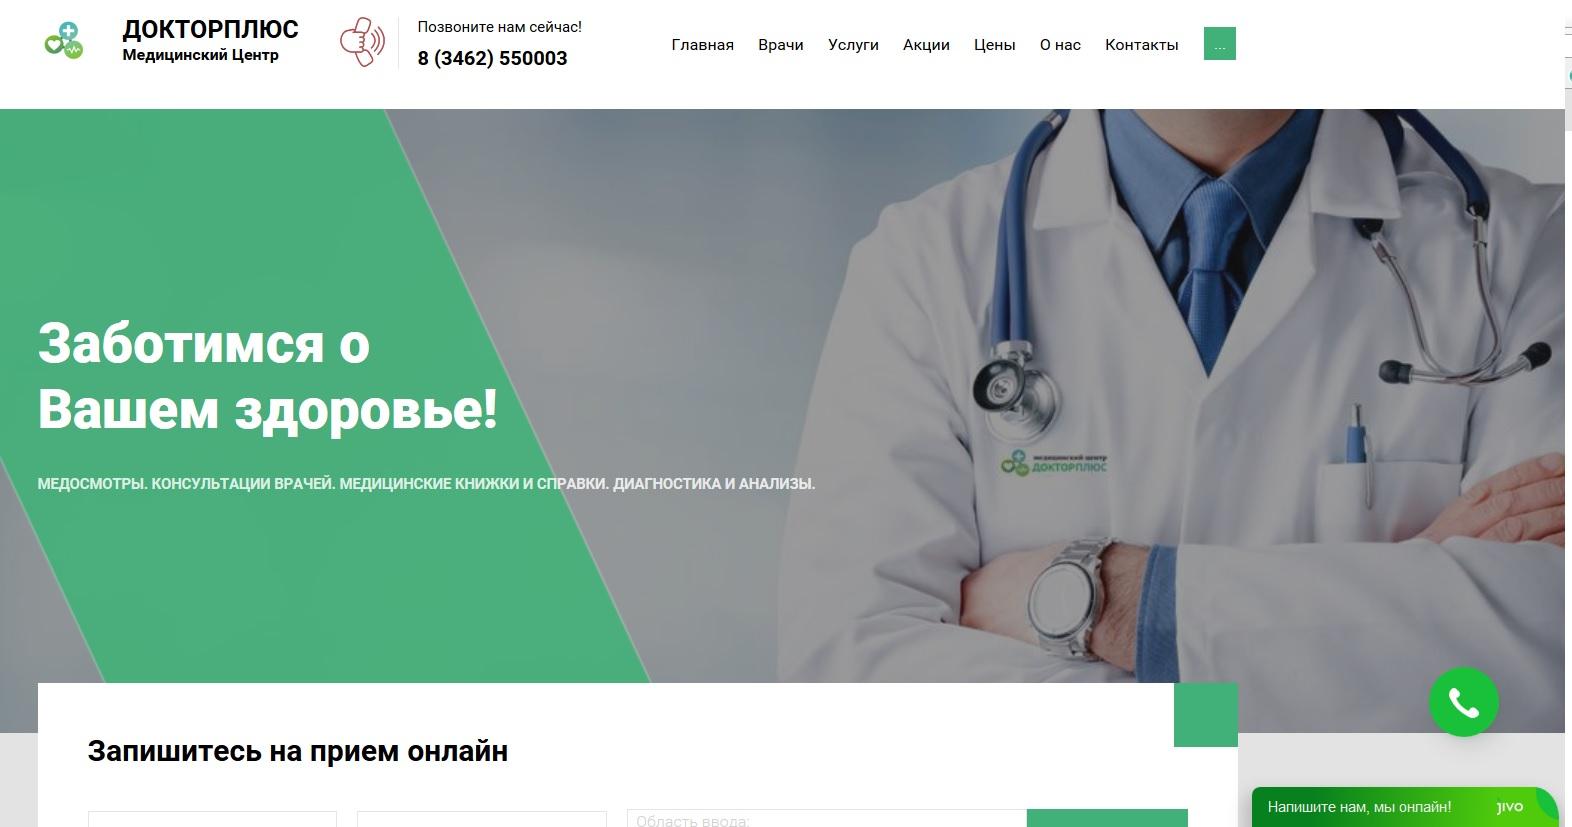 Медицинский Центр «Докторплюс» фото